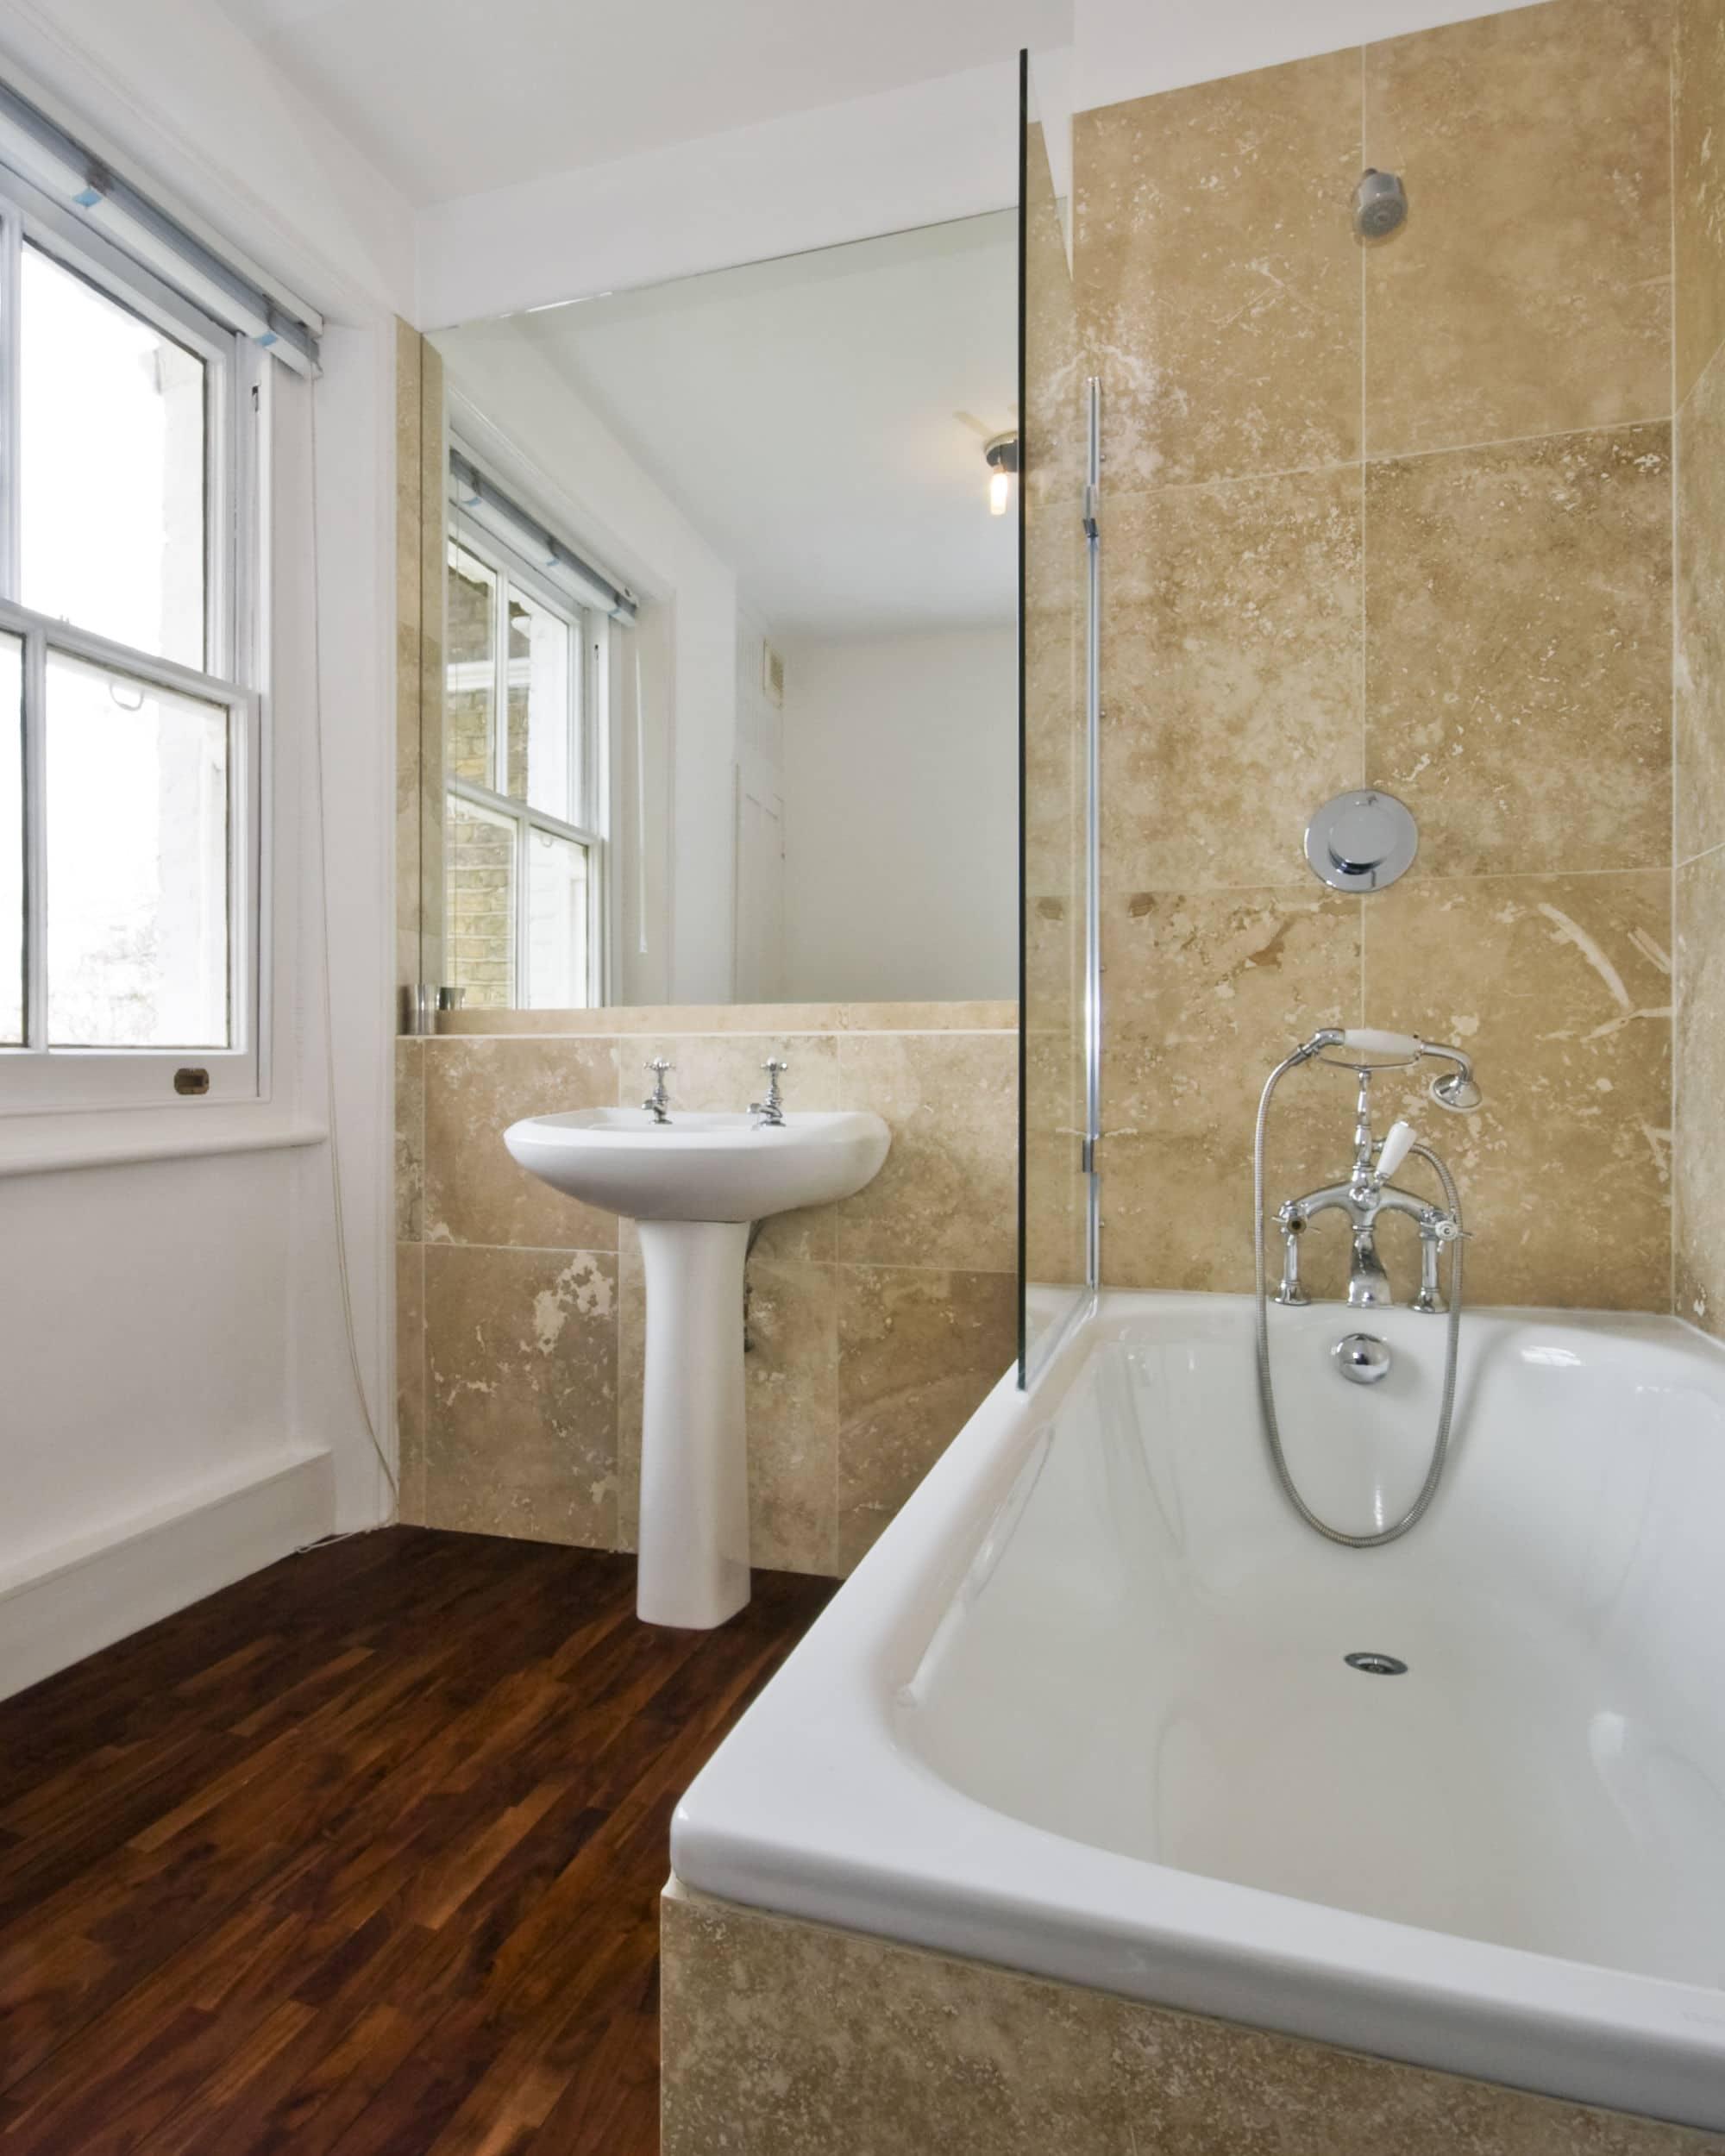 kurkvloeren badkamer